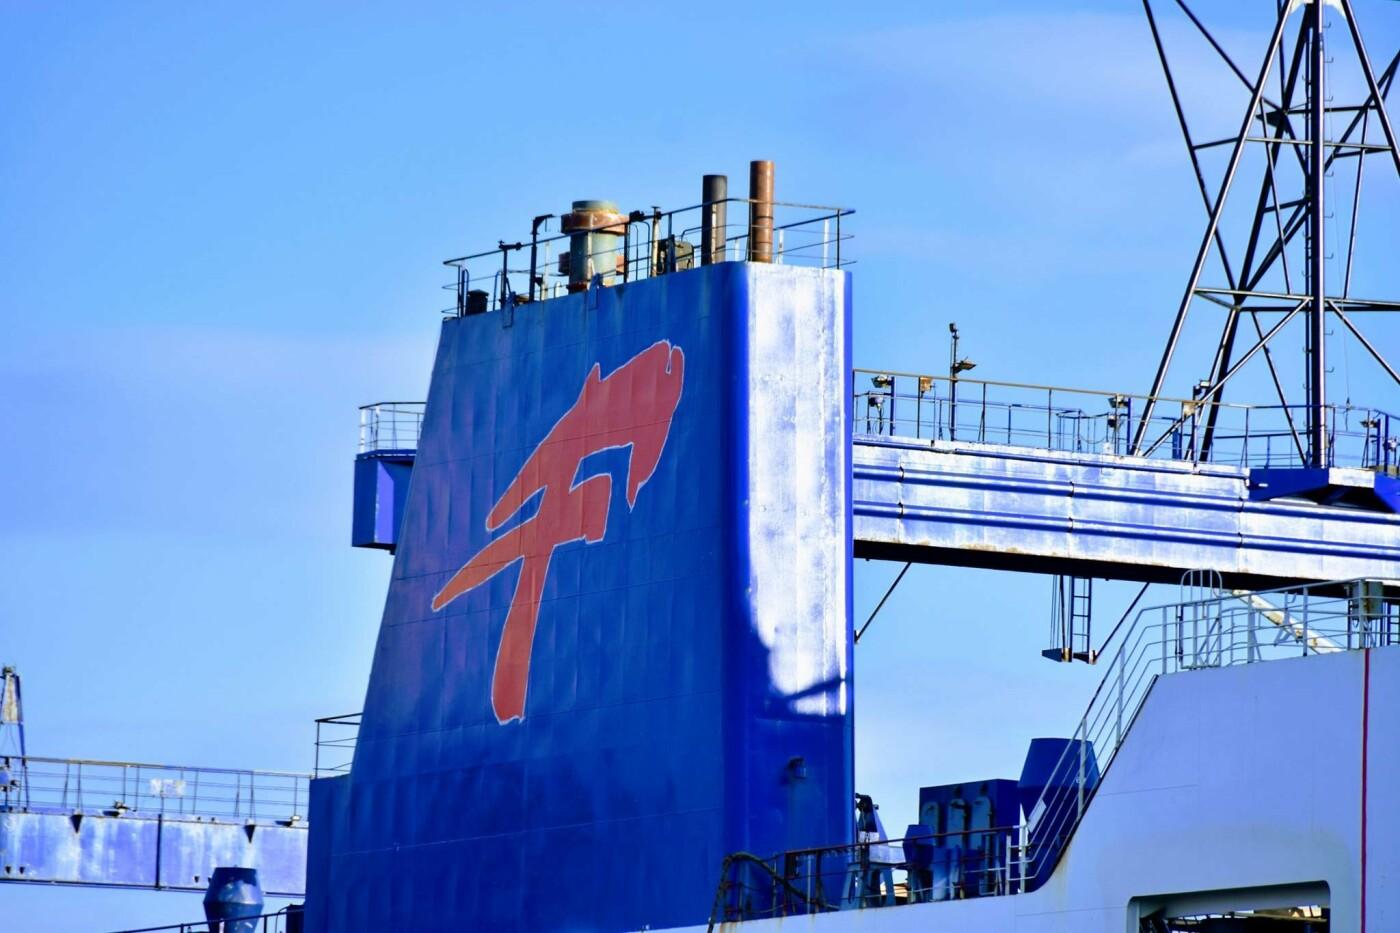 Заполненные доки и яркие логотипы: судоремонтный завод стремительно набирает обороты (ВИДЕО), фото-5